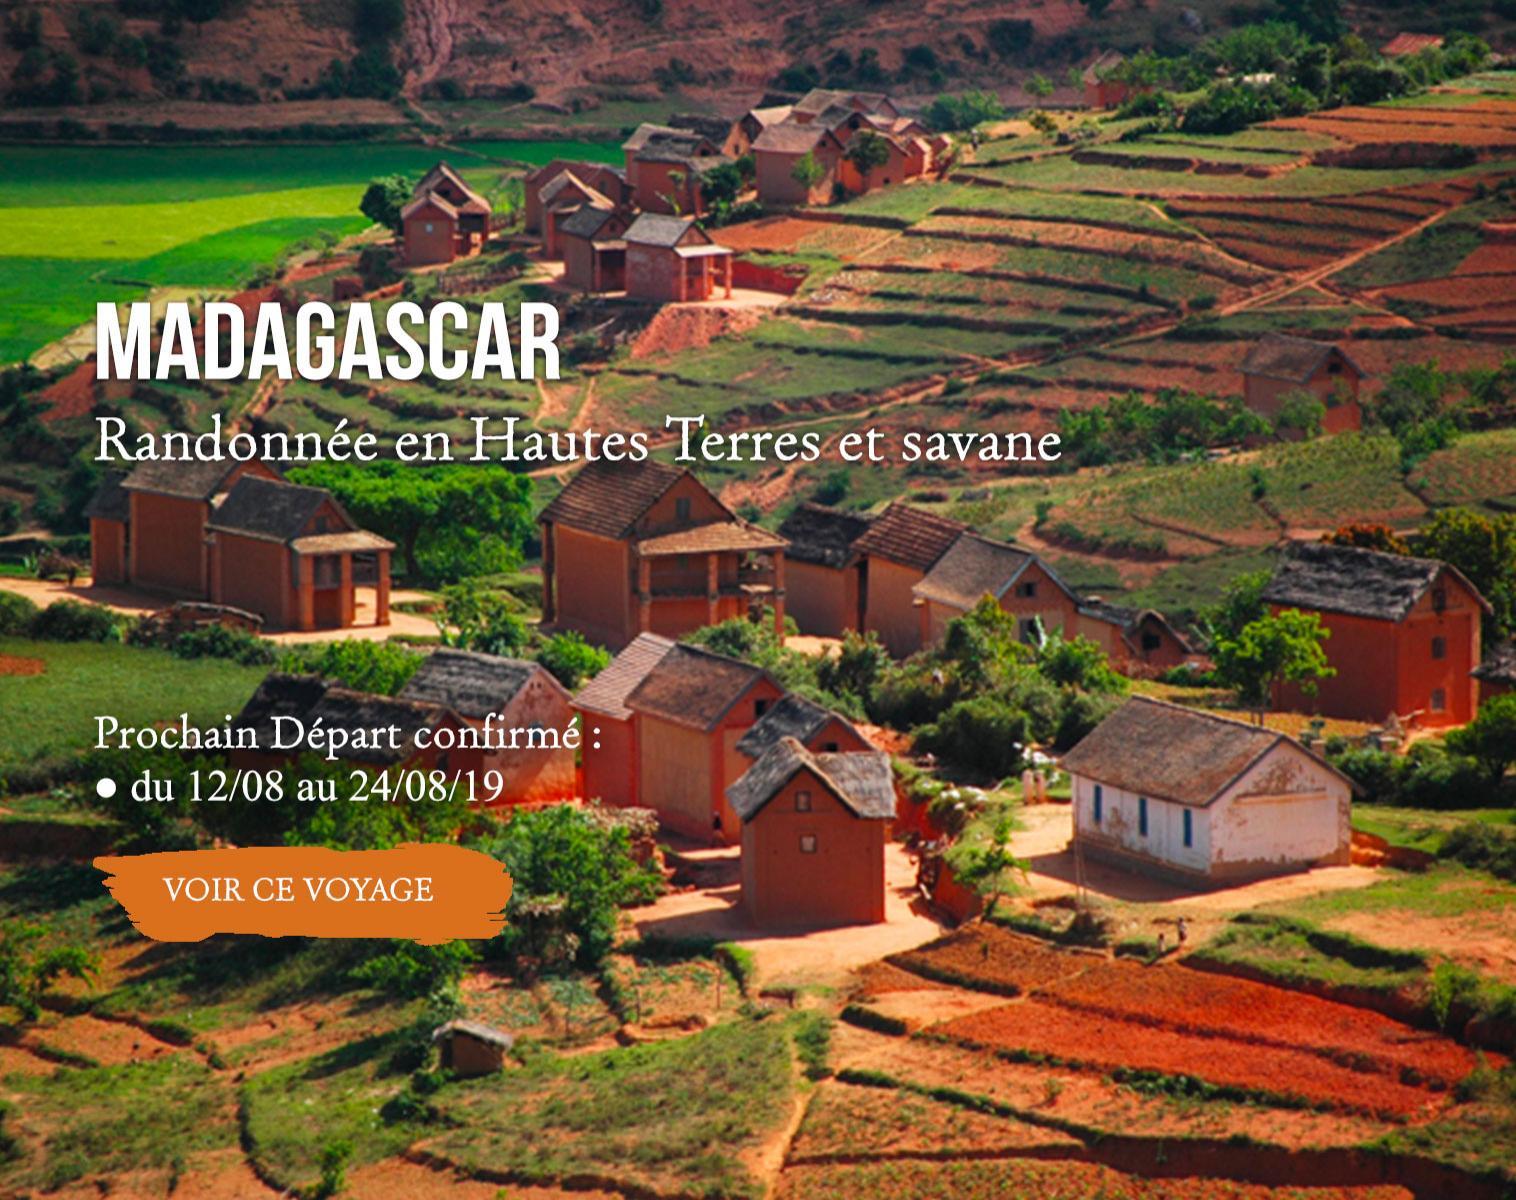 MADAGASCAR, Hautes Terres